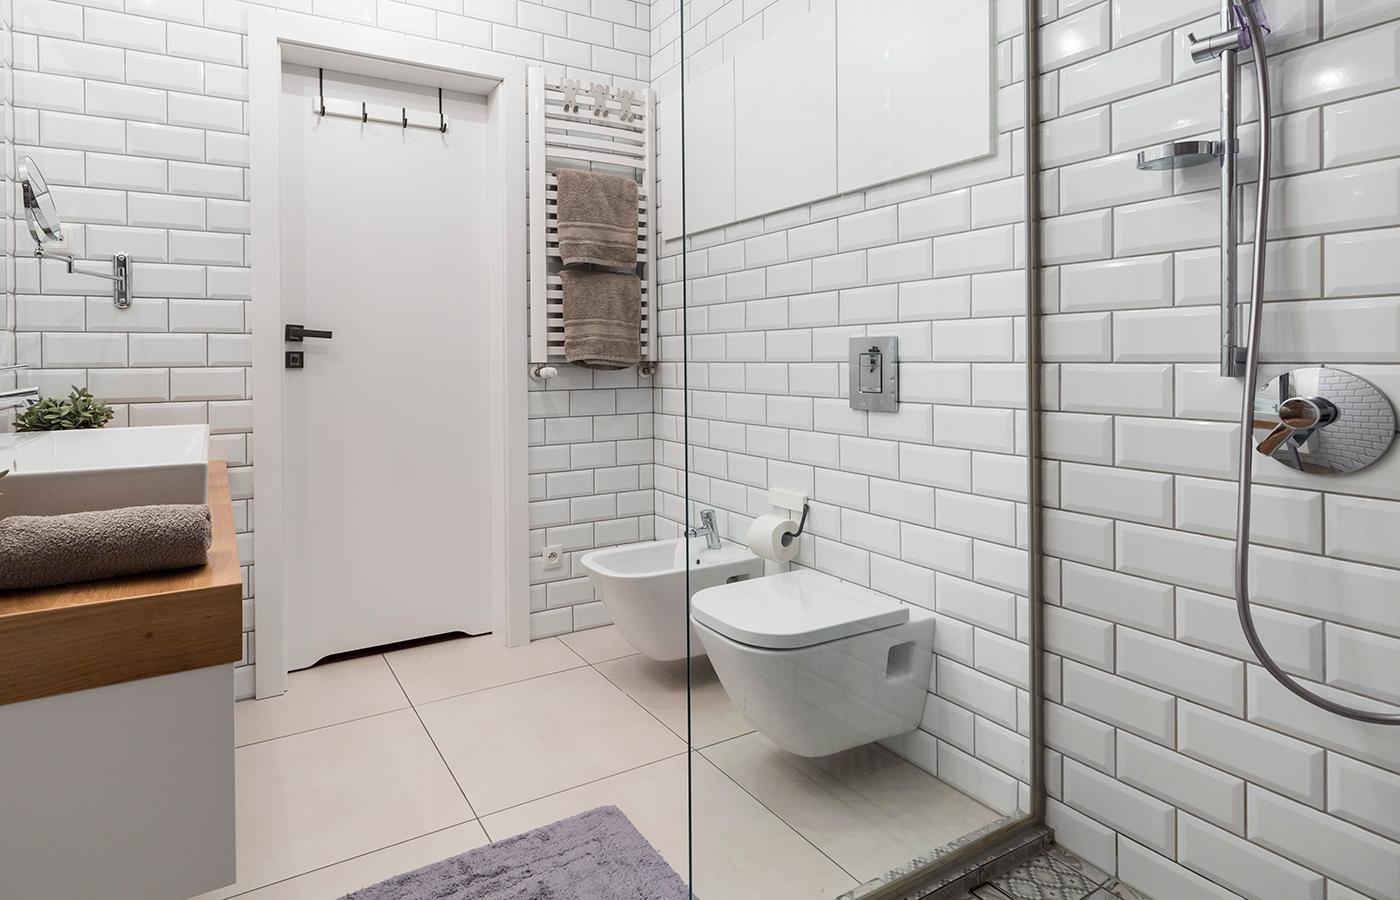 Aqua Access - Rushden - Wall and Floor Tiling